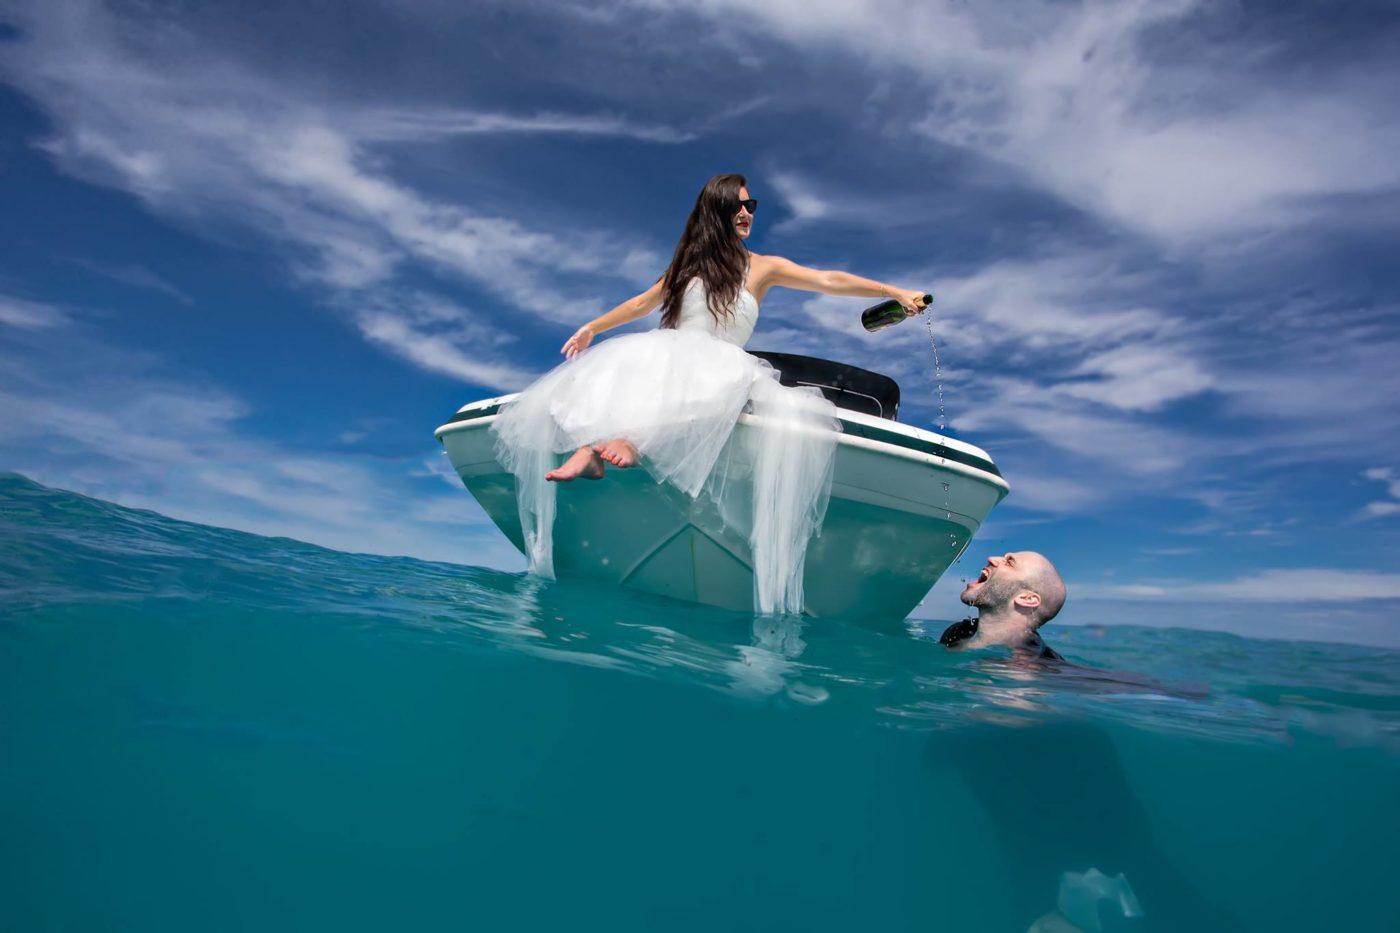 miami tengerparti esküvő (1)